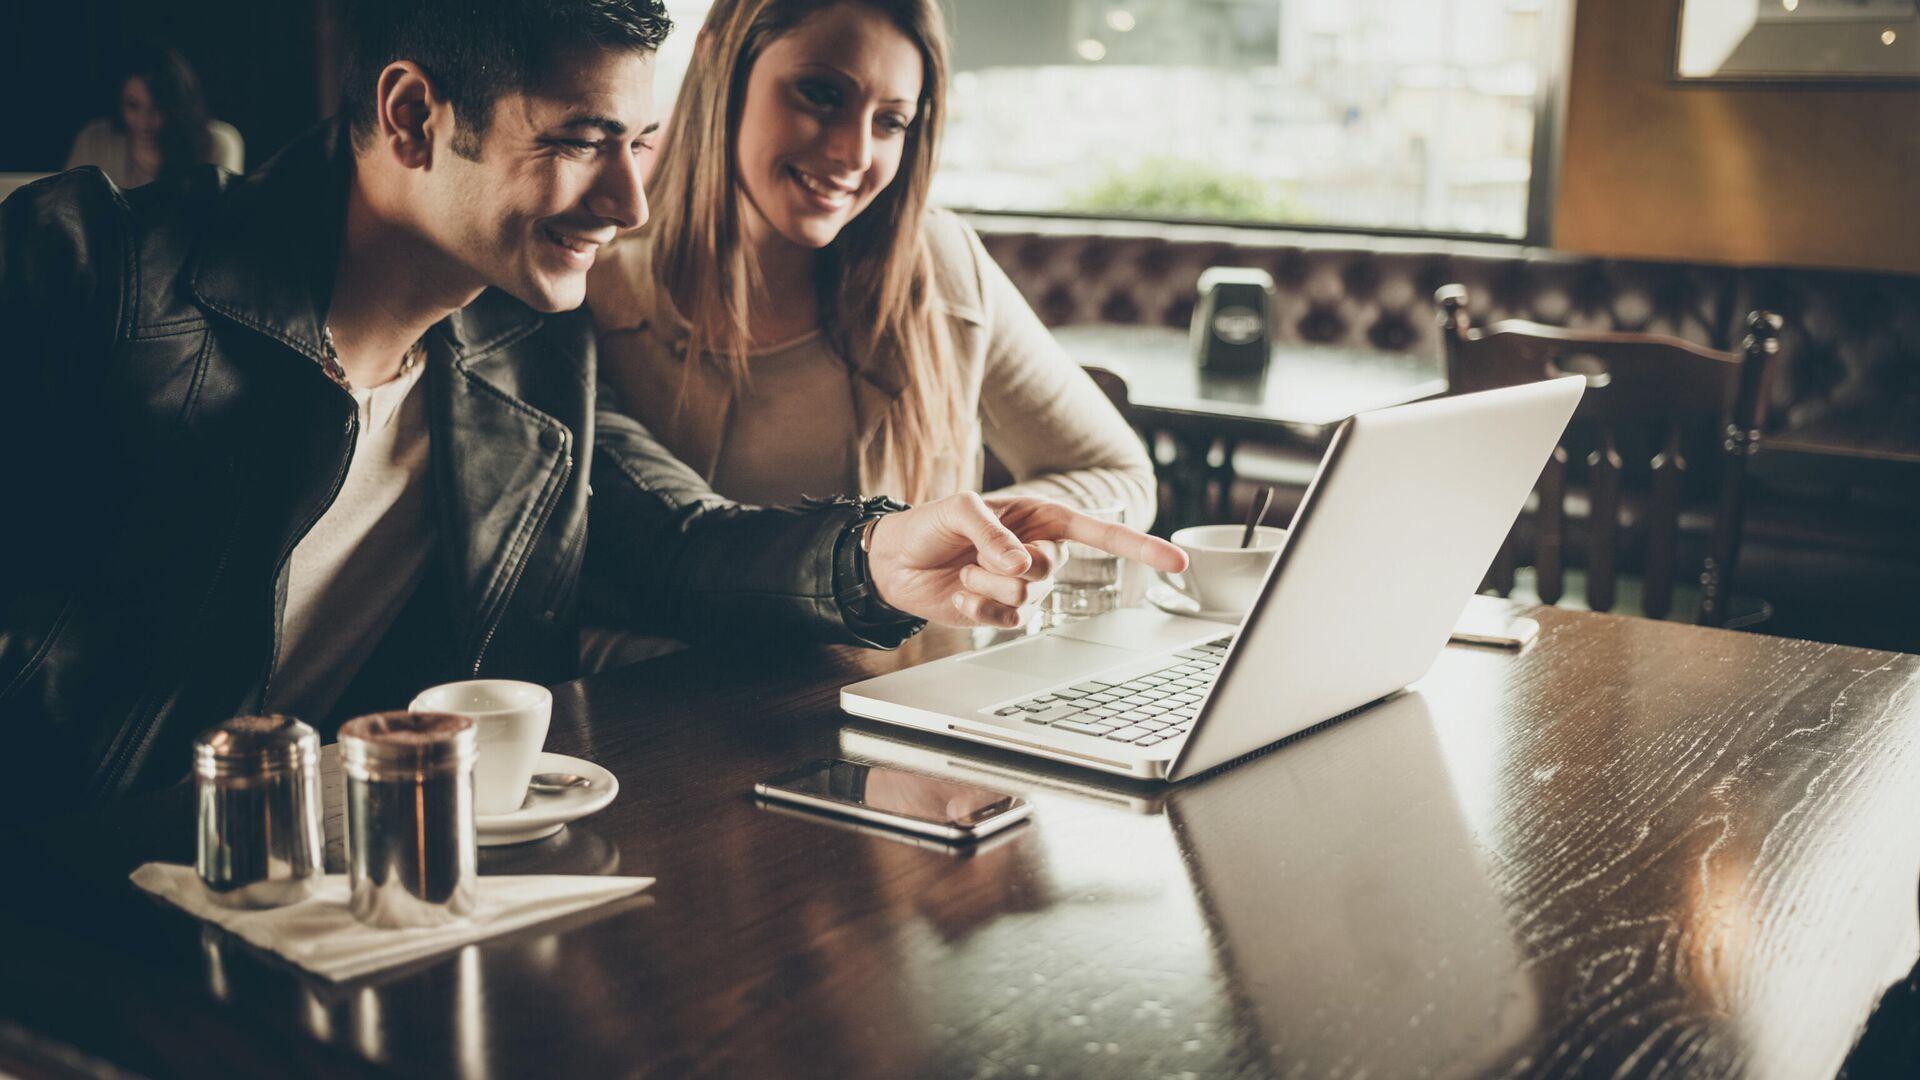 Молодые люди в кафе с ноутбуком - РИА Новости, 1920, 22.02.2021